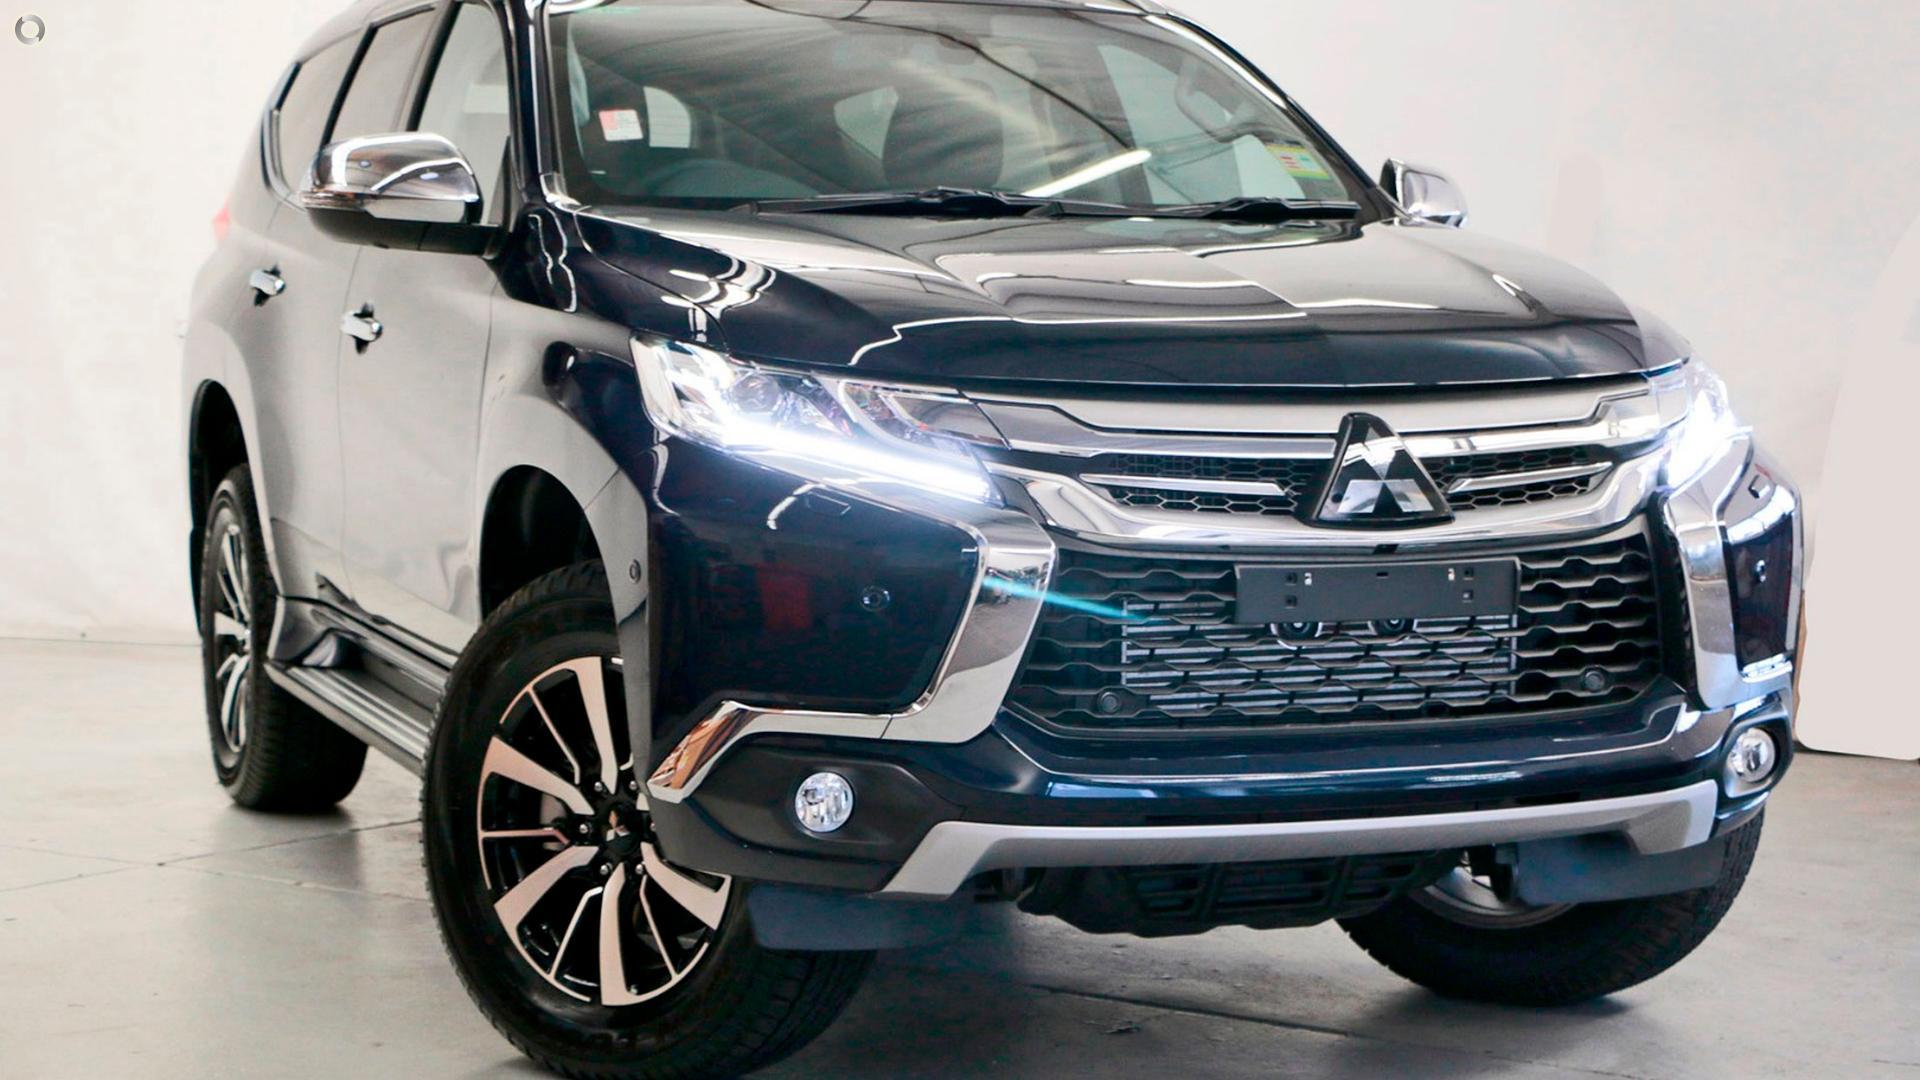 2019 Mitsubishi Pajero Sport QE